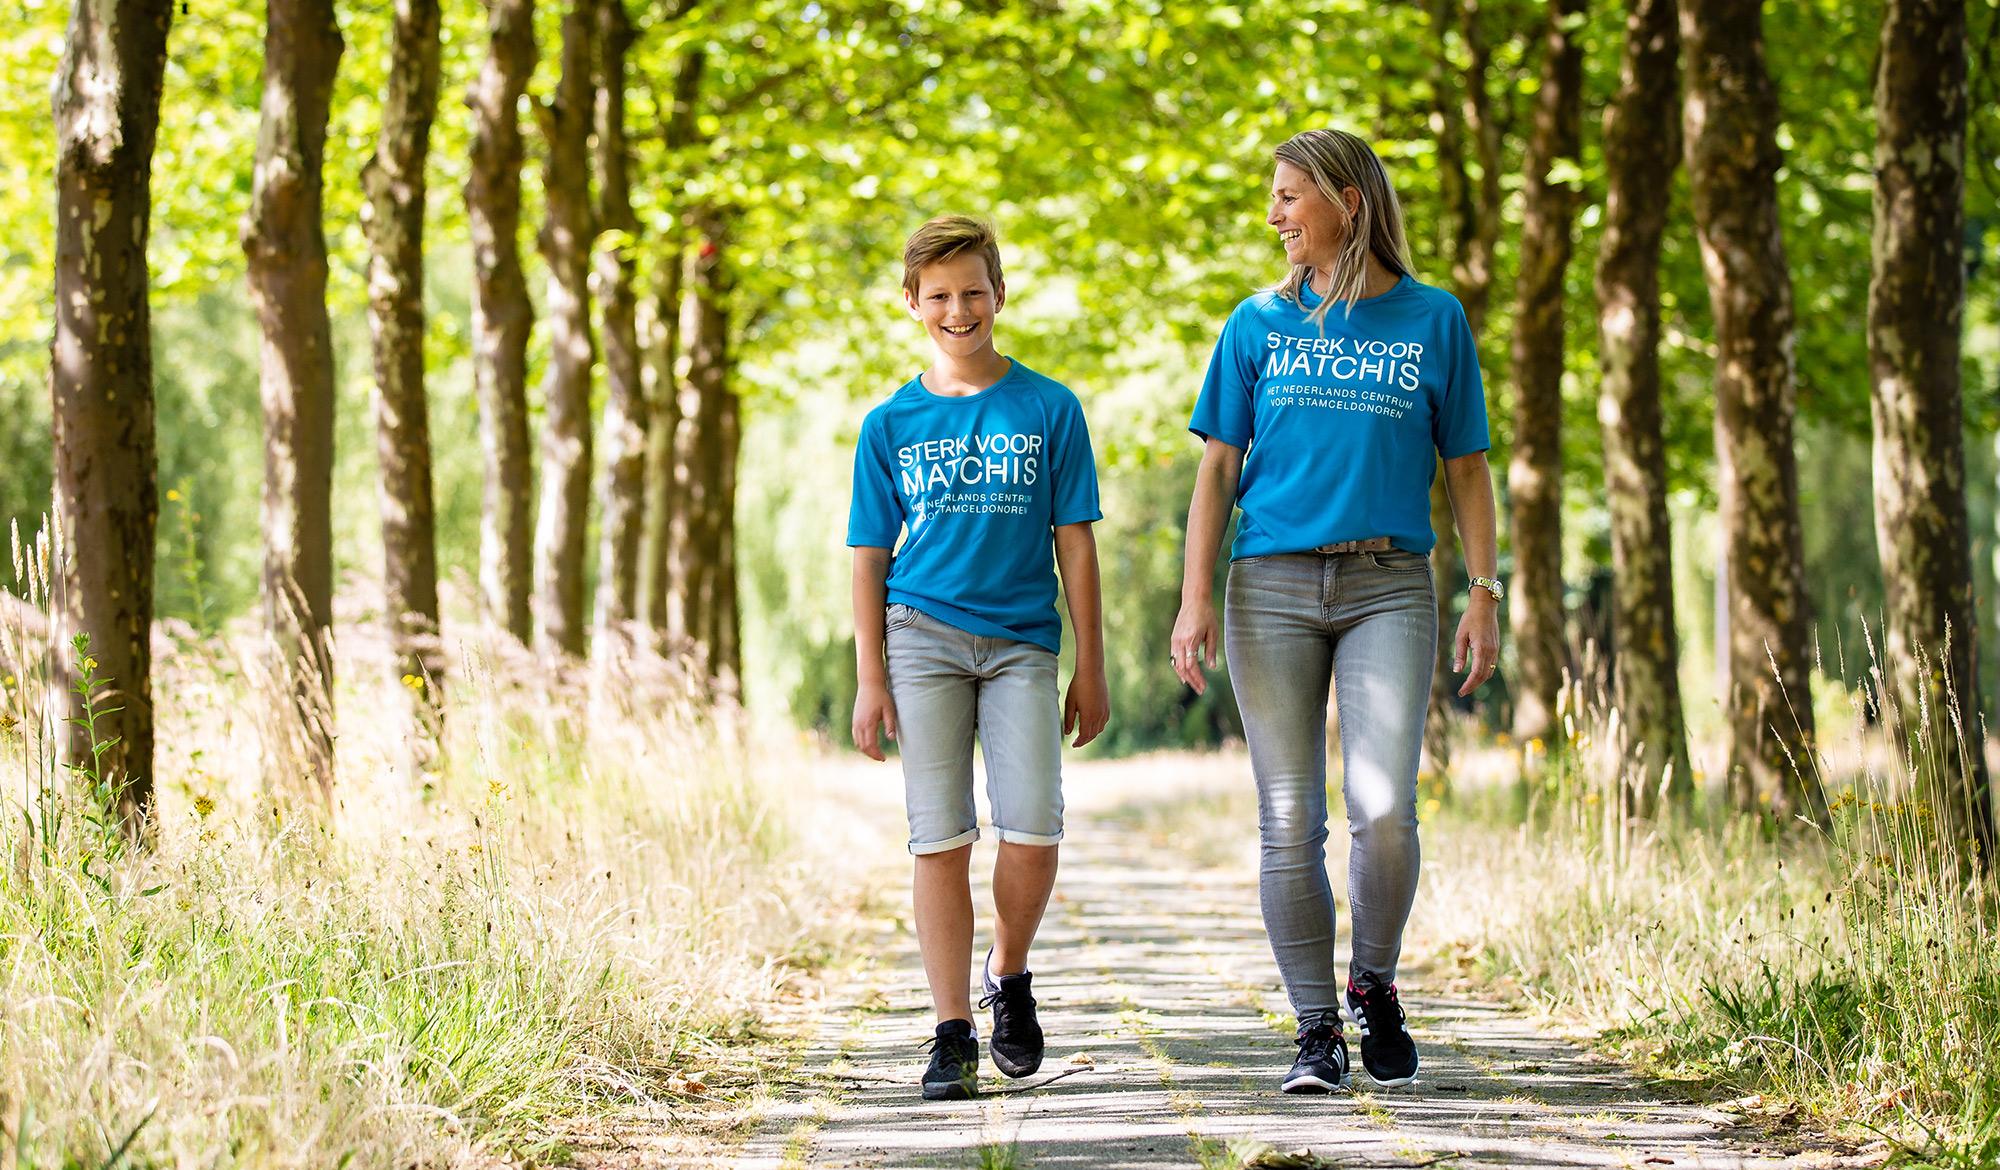 Billy loopt de Nijmeegse Vierdaagse voor meer stamceldonoren